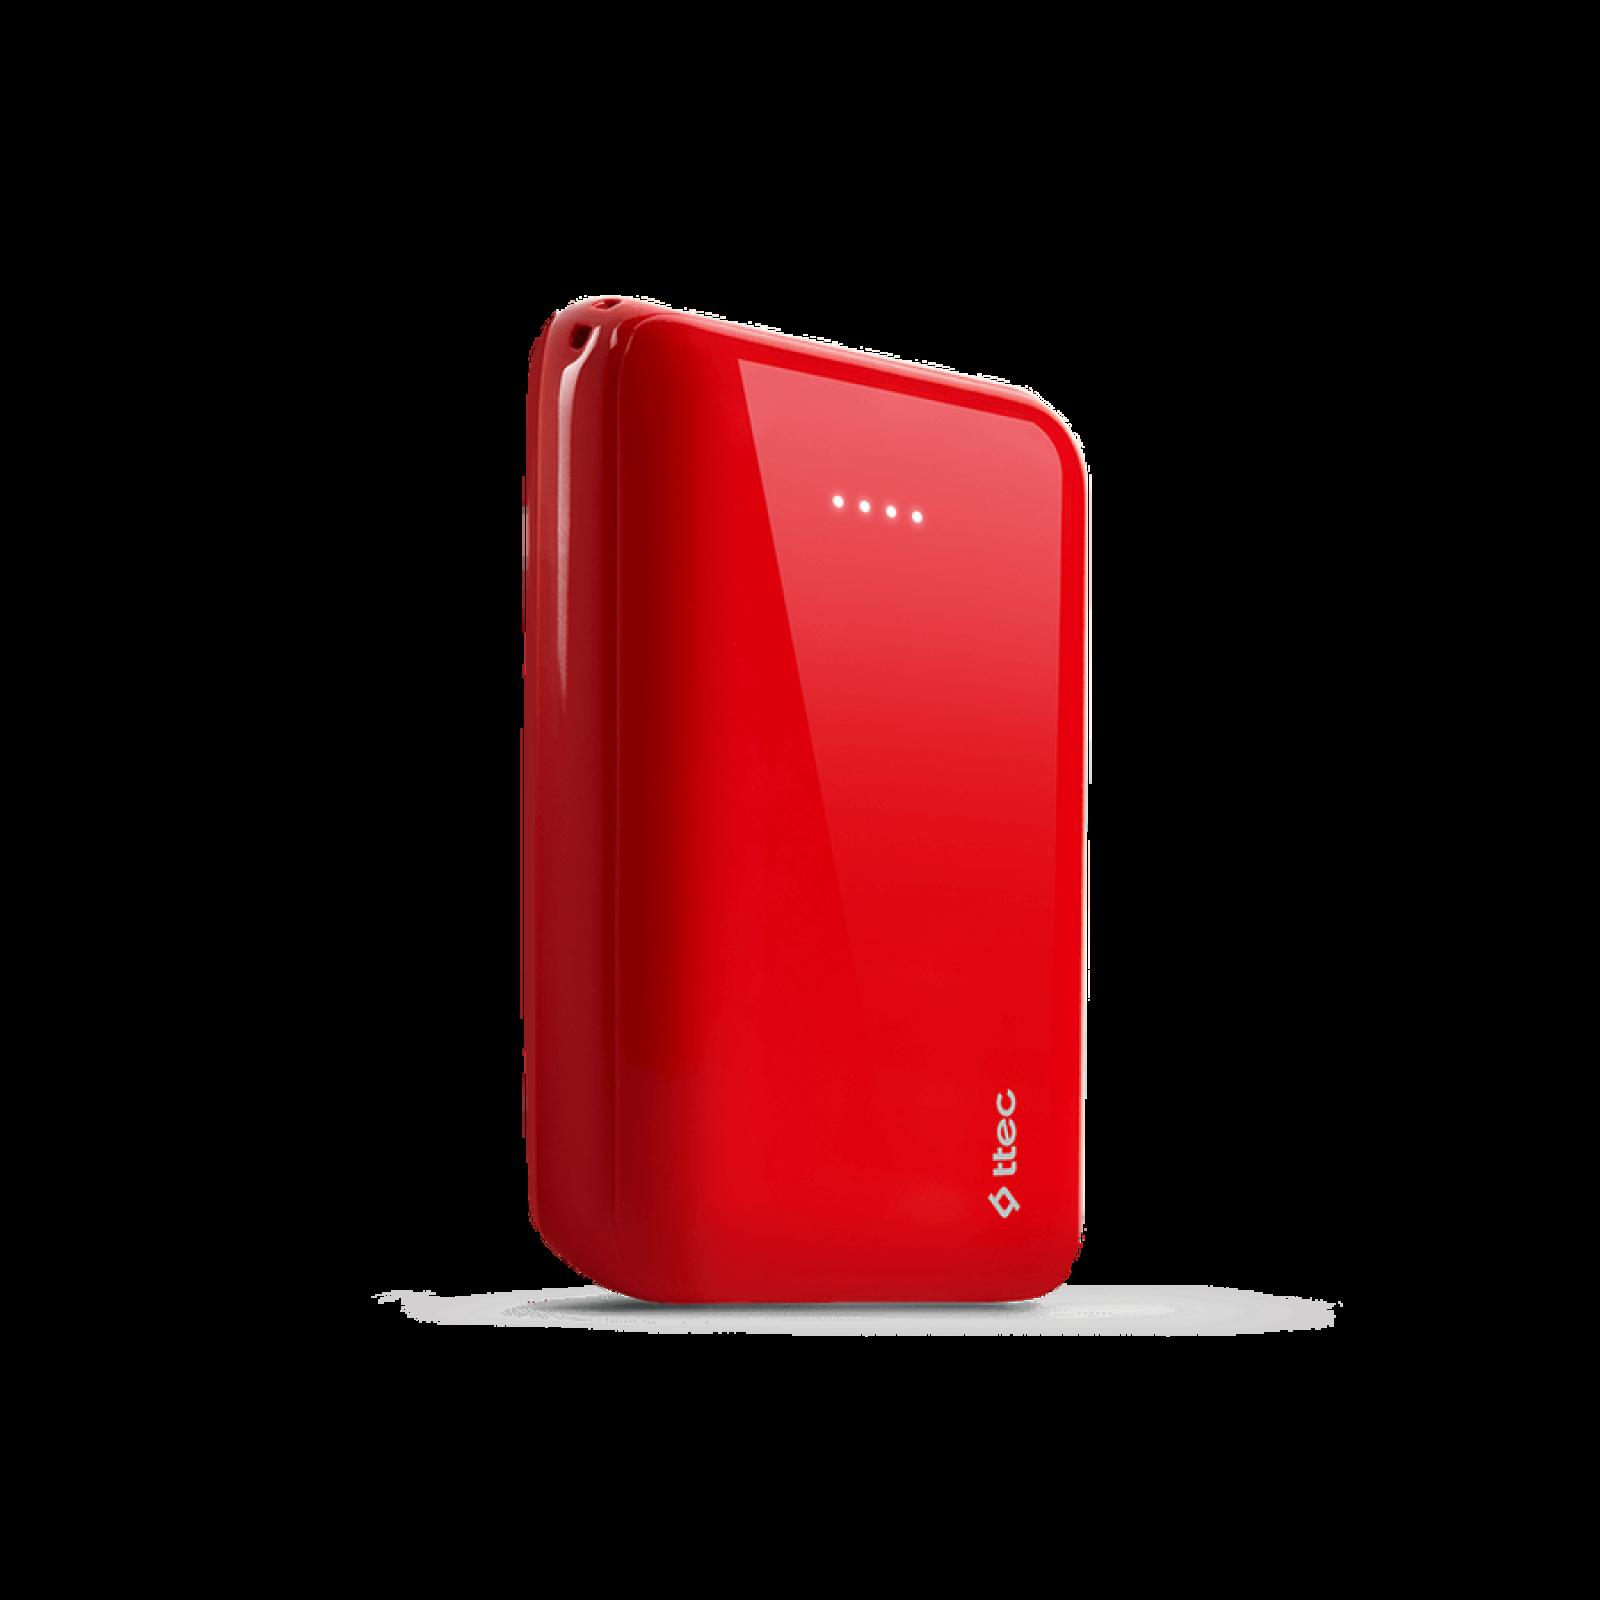 Външна батерия ReCharger 10.000mAh Universal Mobile Charger - Червена